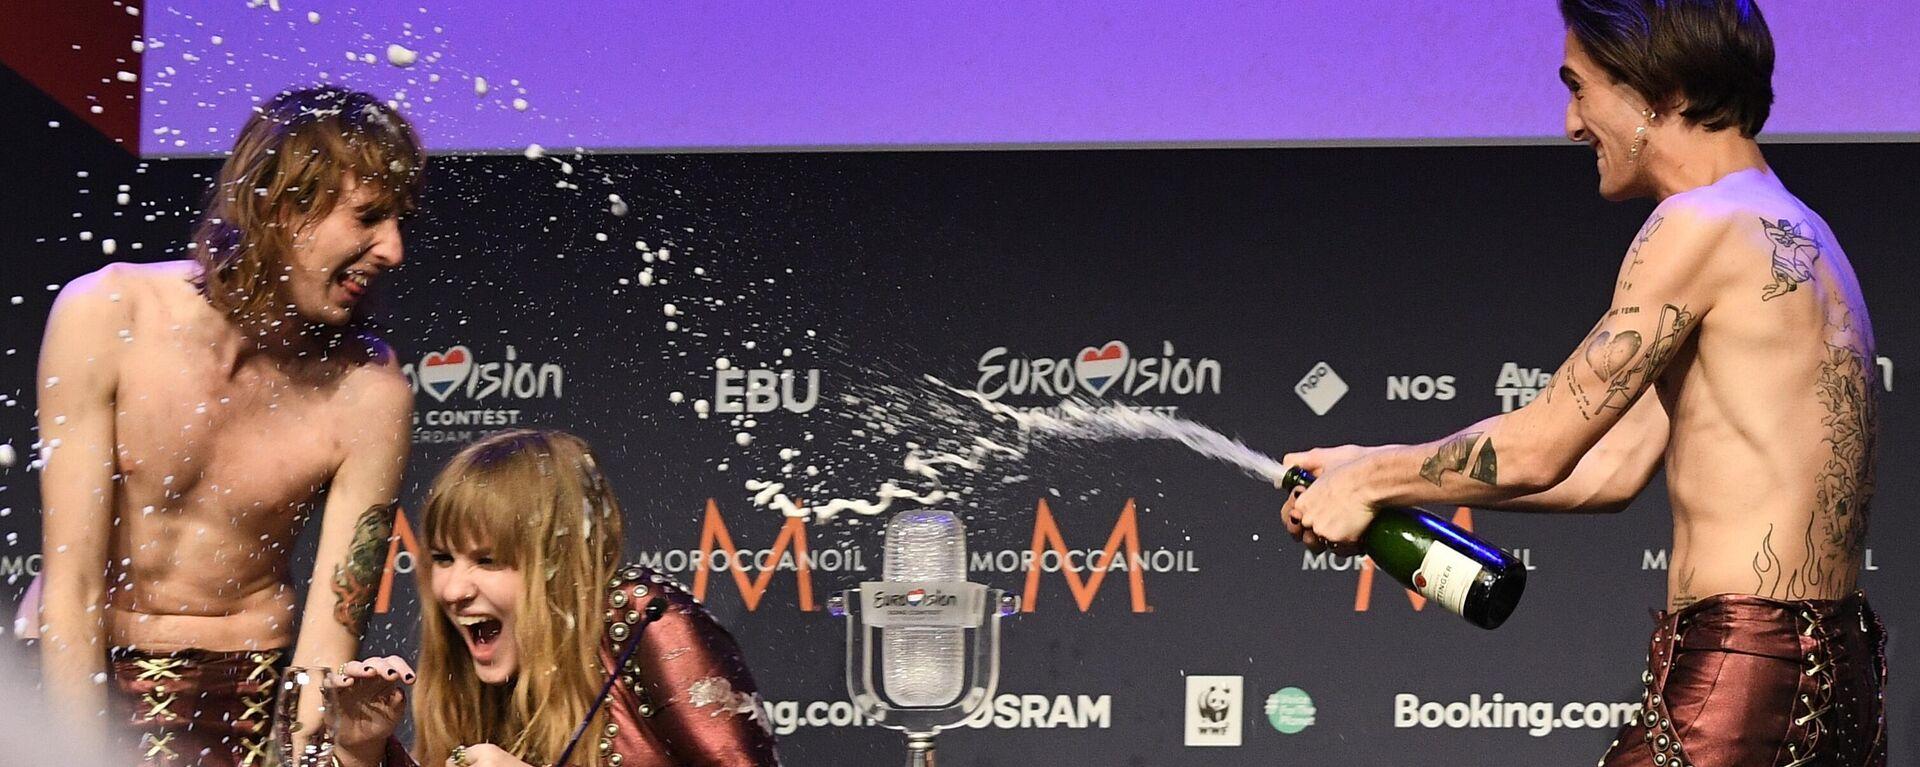 Итальянский рок победил на конкурсе Евровидение 2021 - Sputnik Таджикистан, 1920, 23.05.2021